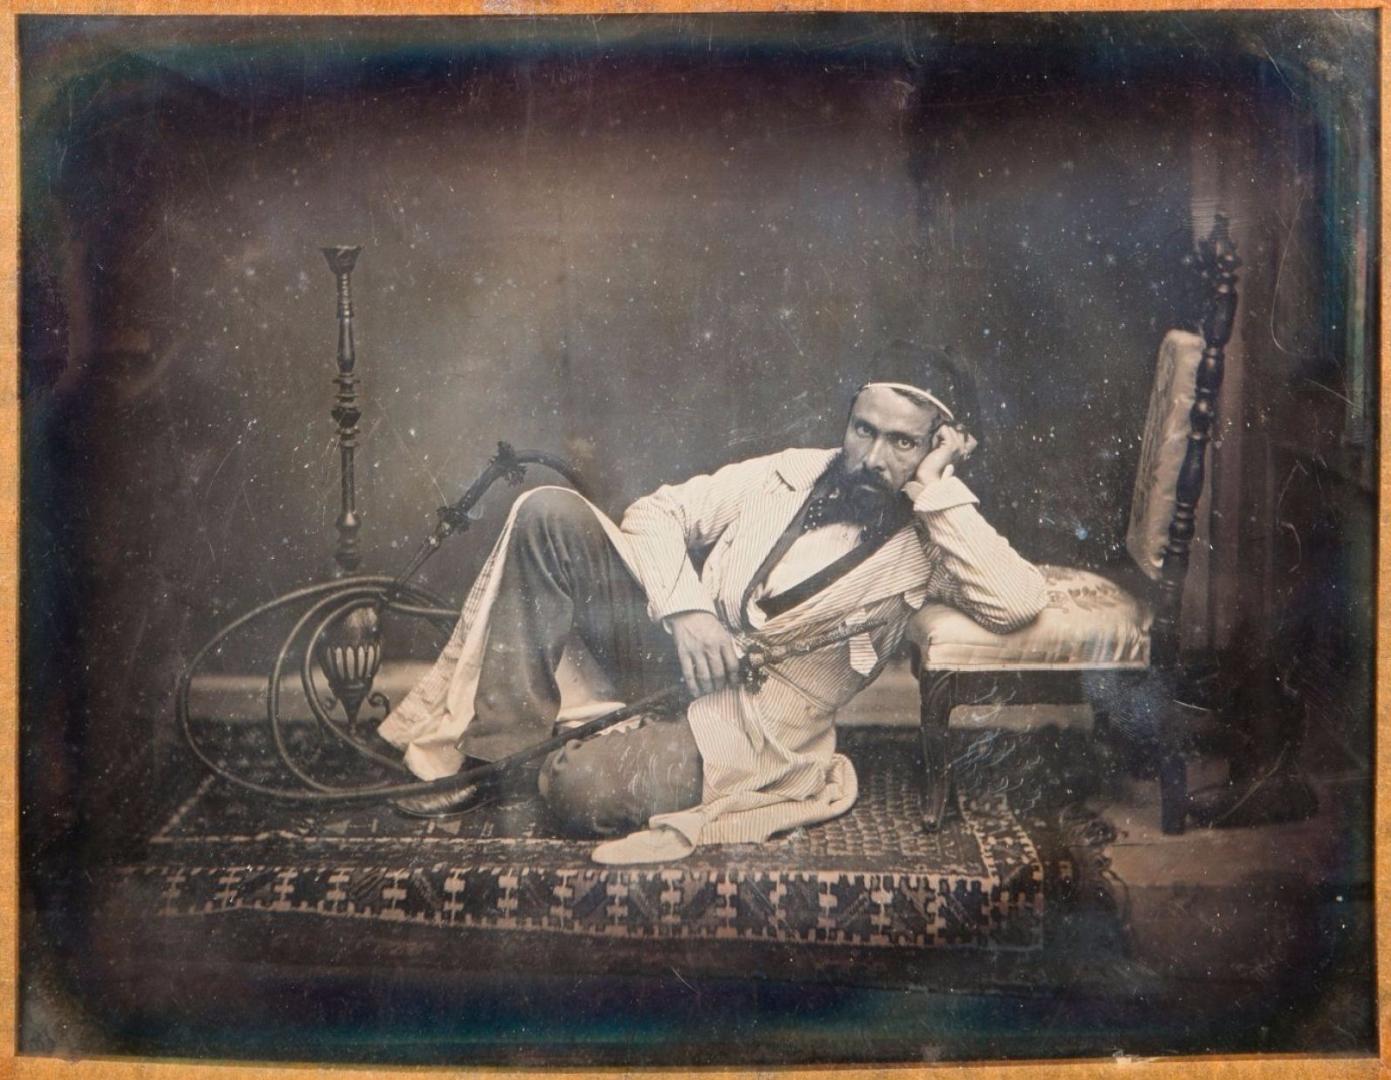 1845. Курильщик кальяна. Автопортрет в восточном стиле